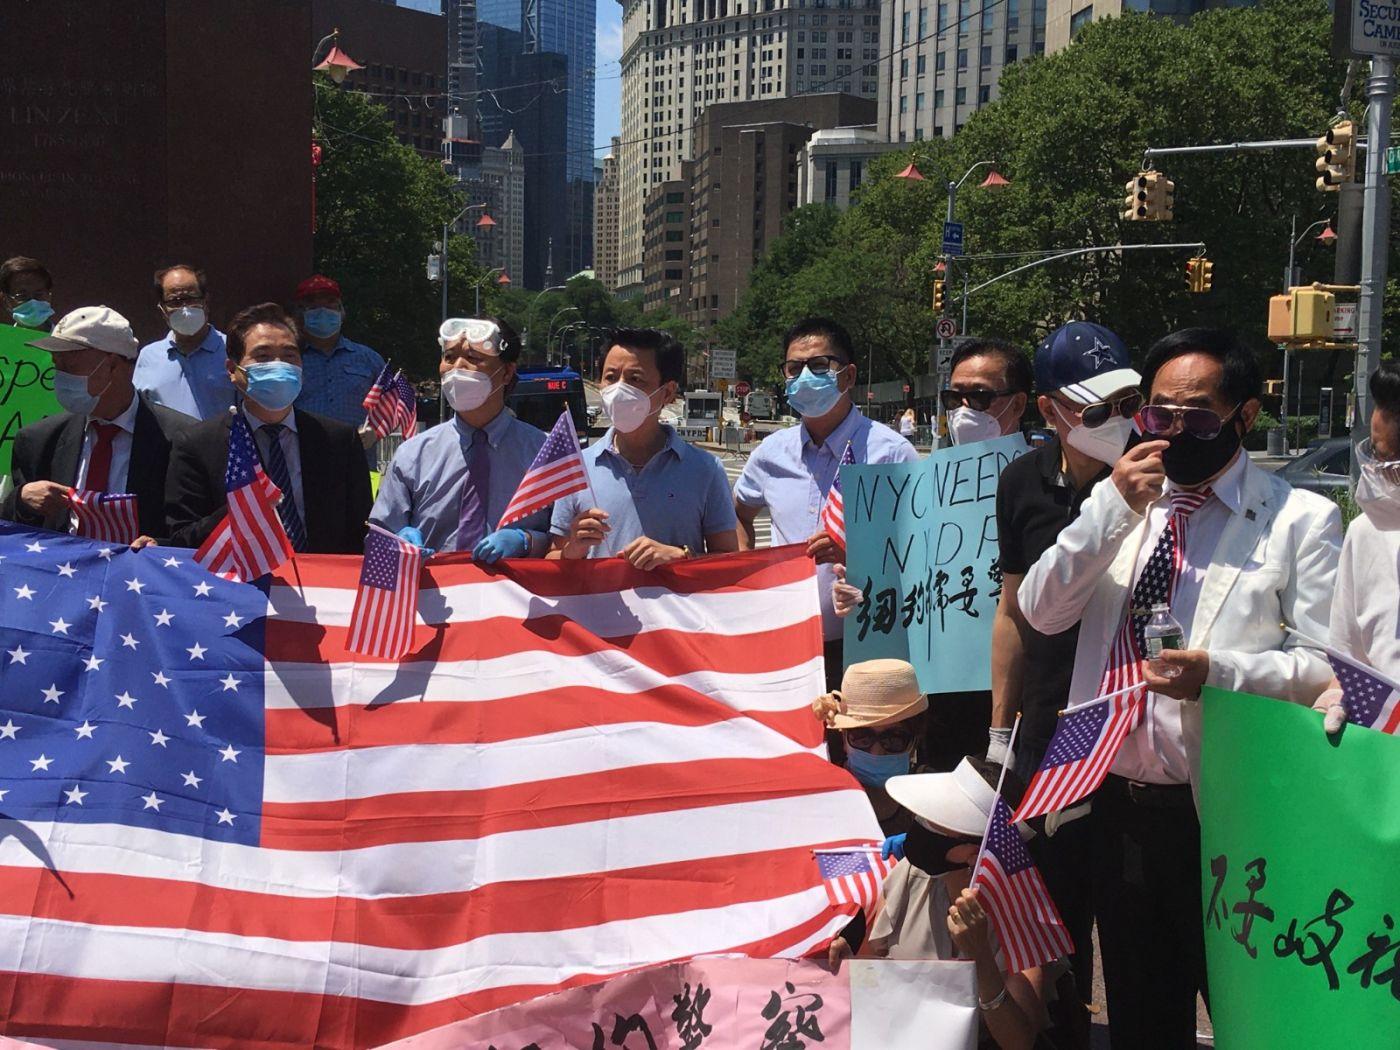 纽约华埠侨团声援支持纽约警察活动_图1-9